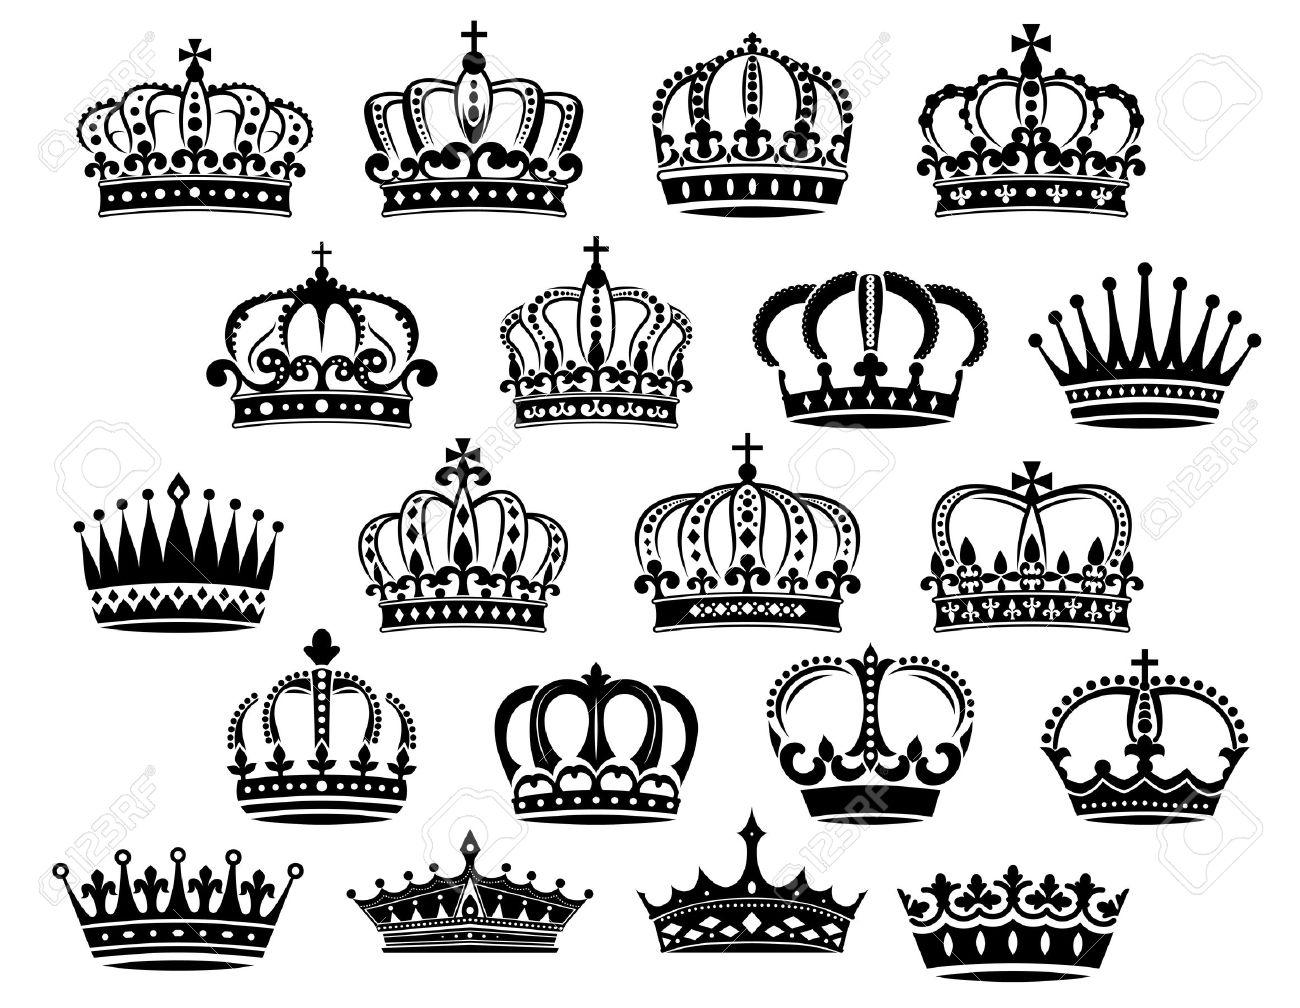 Royal Coronas Heráldicos Medievales Establecidos En Blanco Y Negro